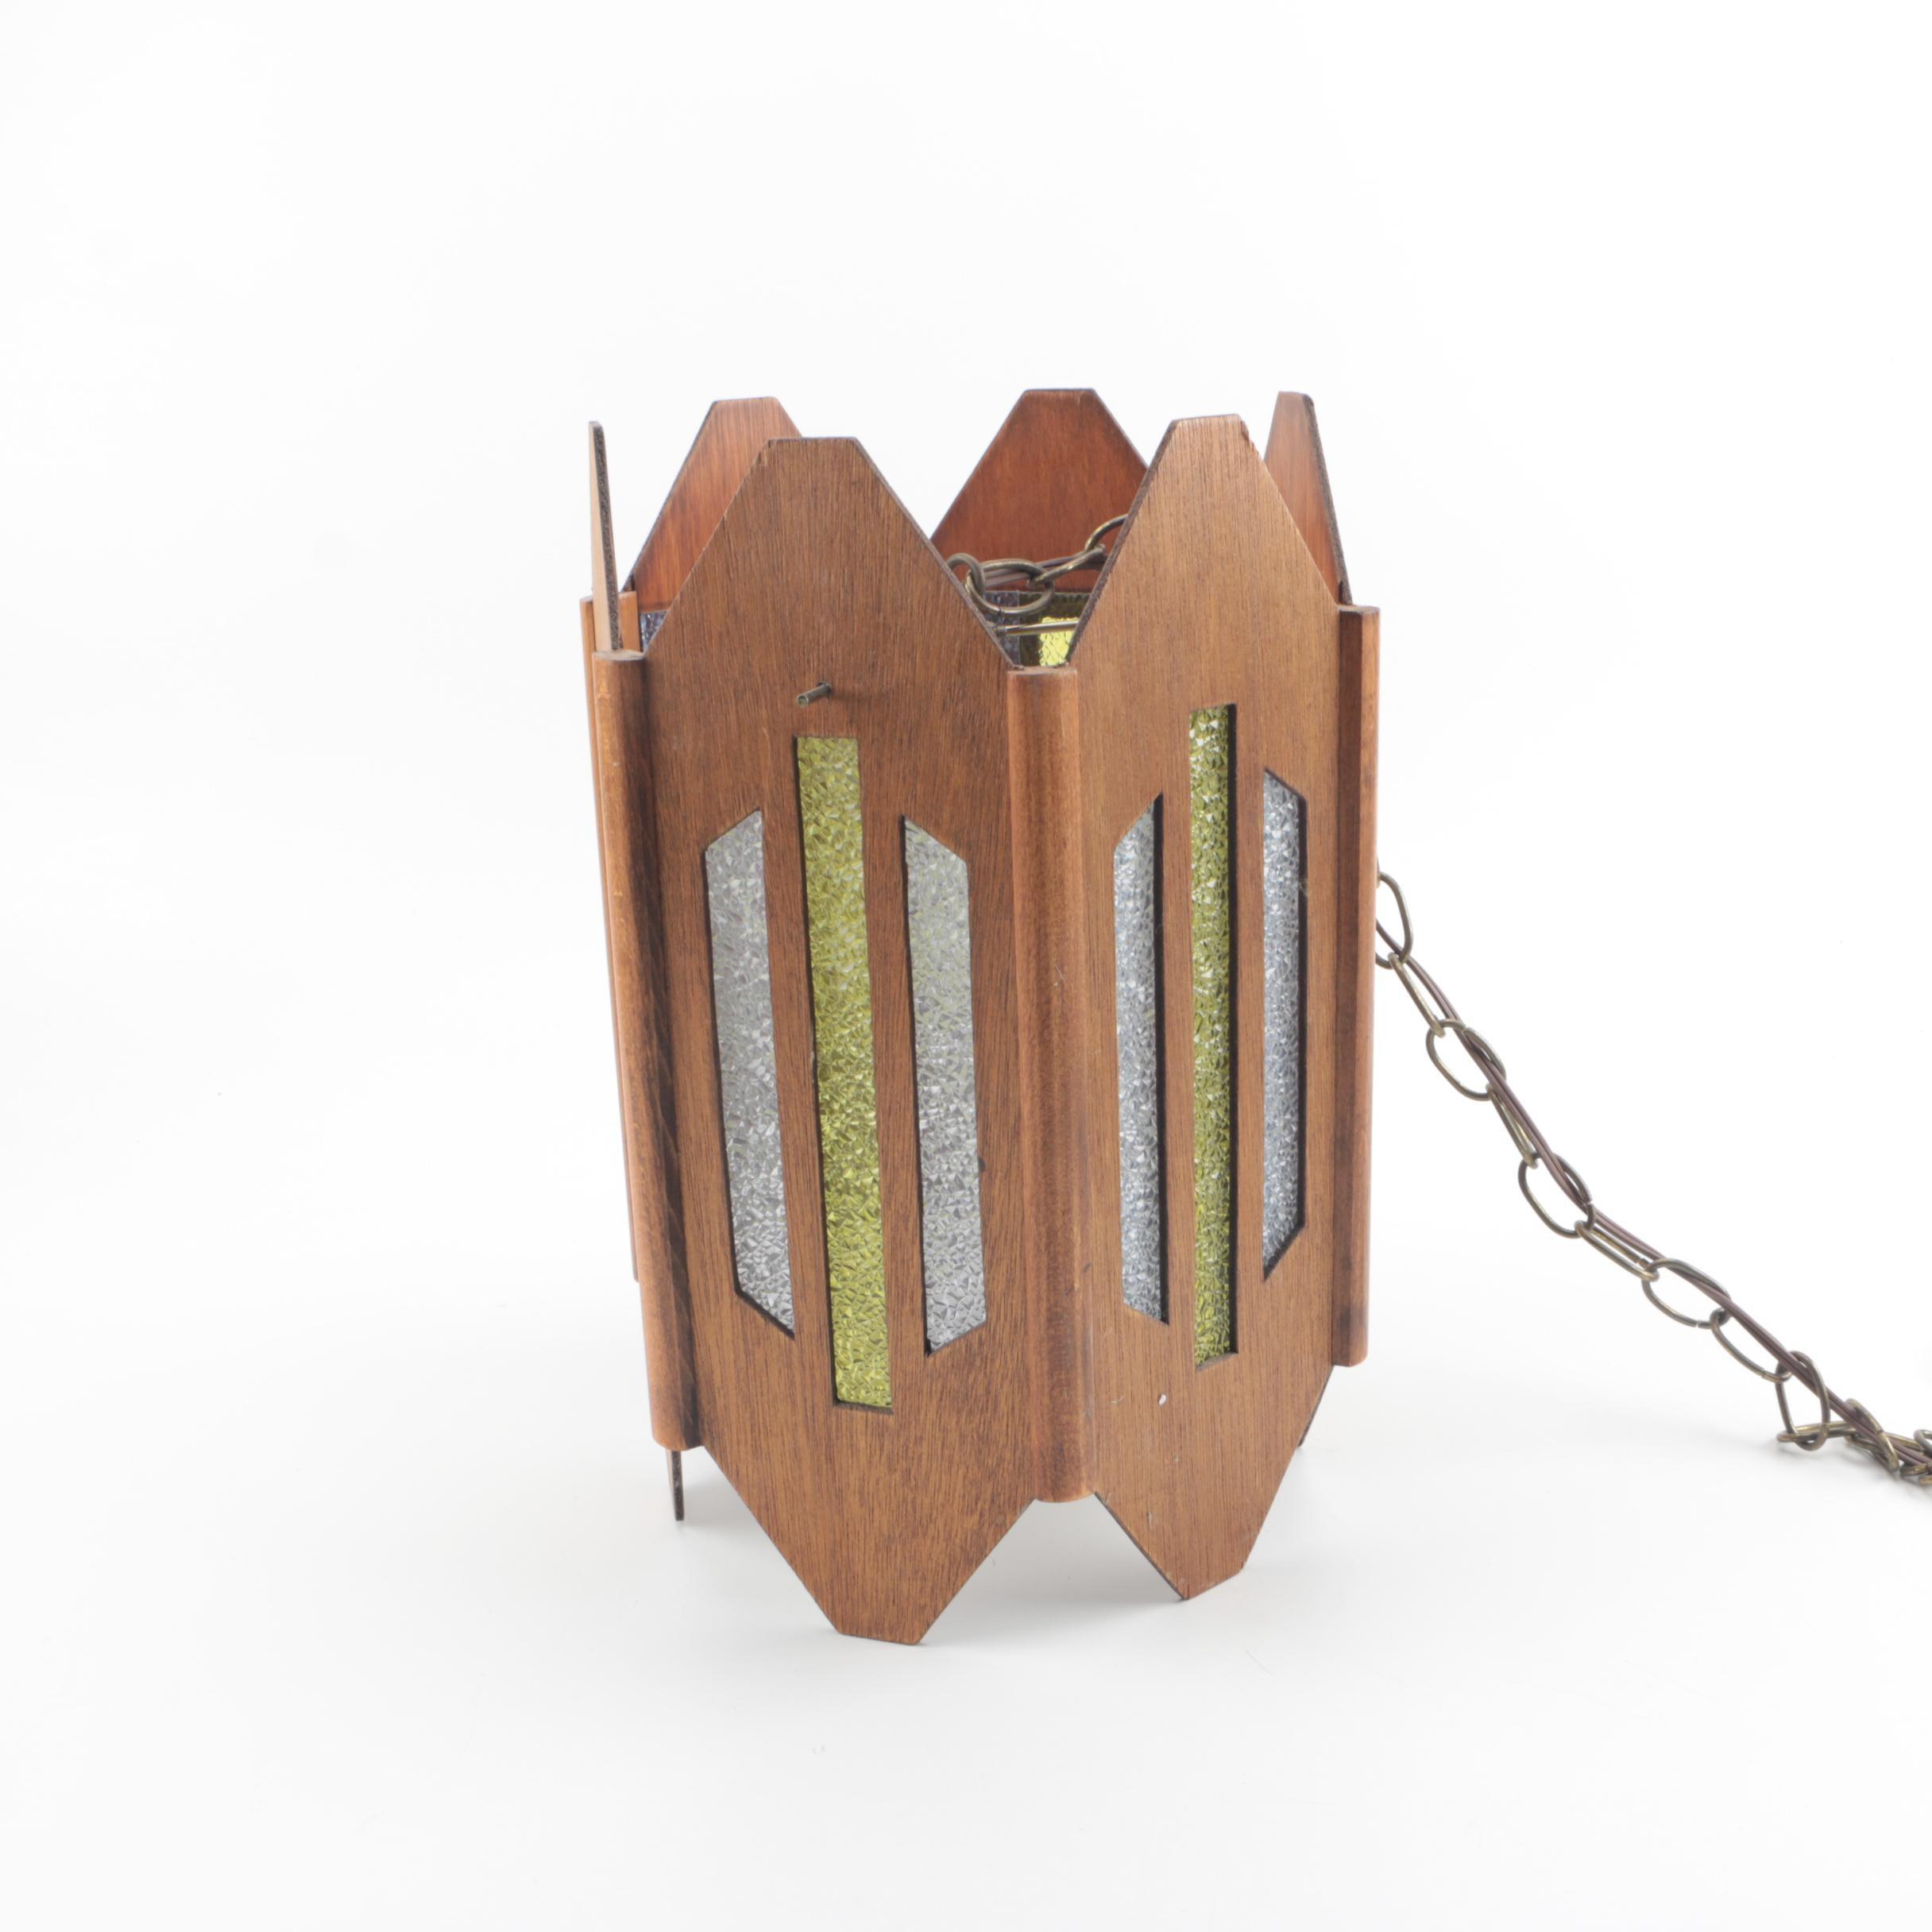 Mid Century Modern Style Wood Panel Lantern Pendant Light